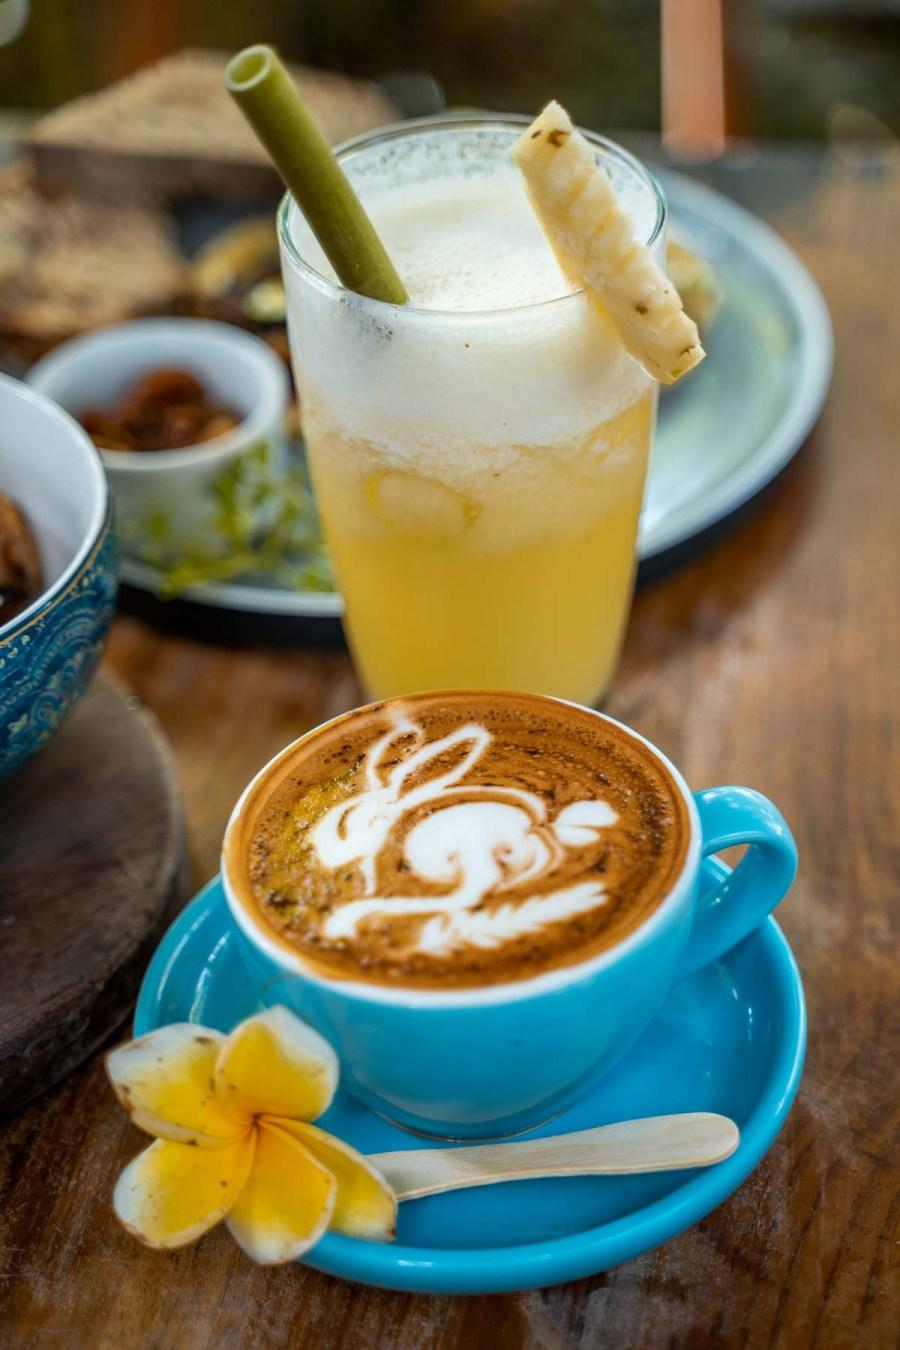 Morning cappuccino at the Shady Shack in Canggu, Bali